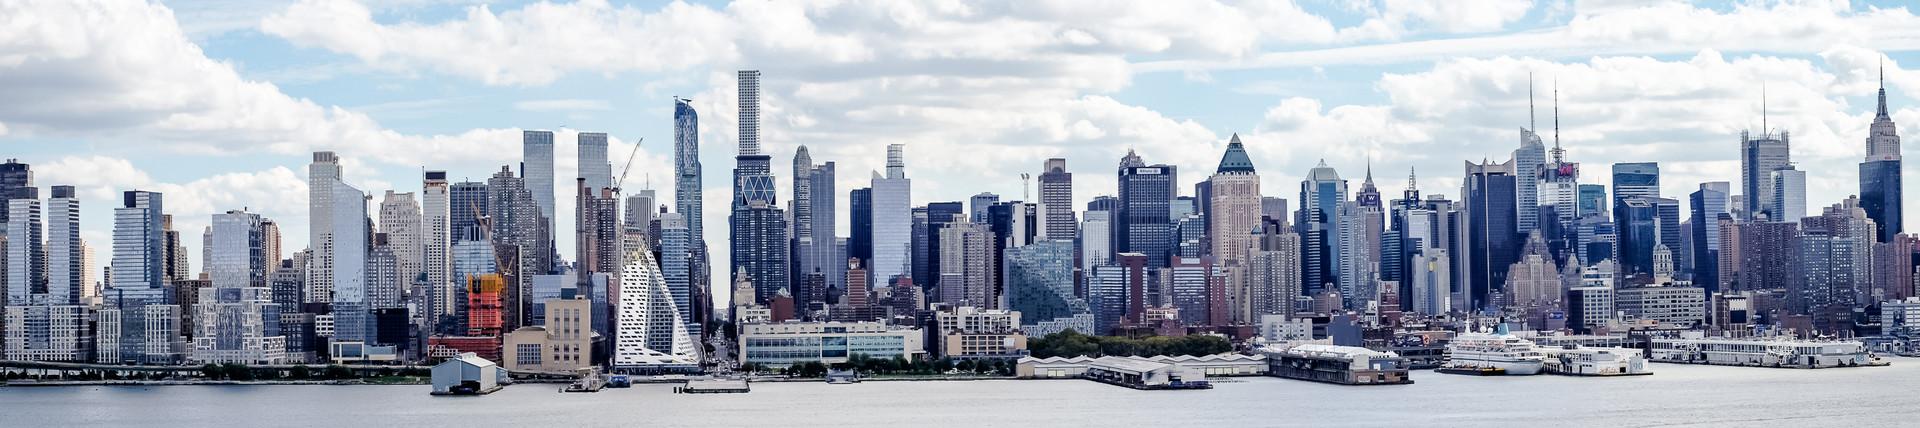 Panorama of New York City, Manhatten